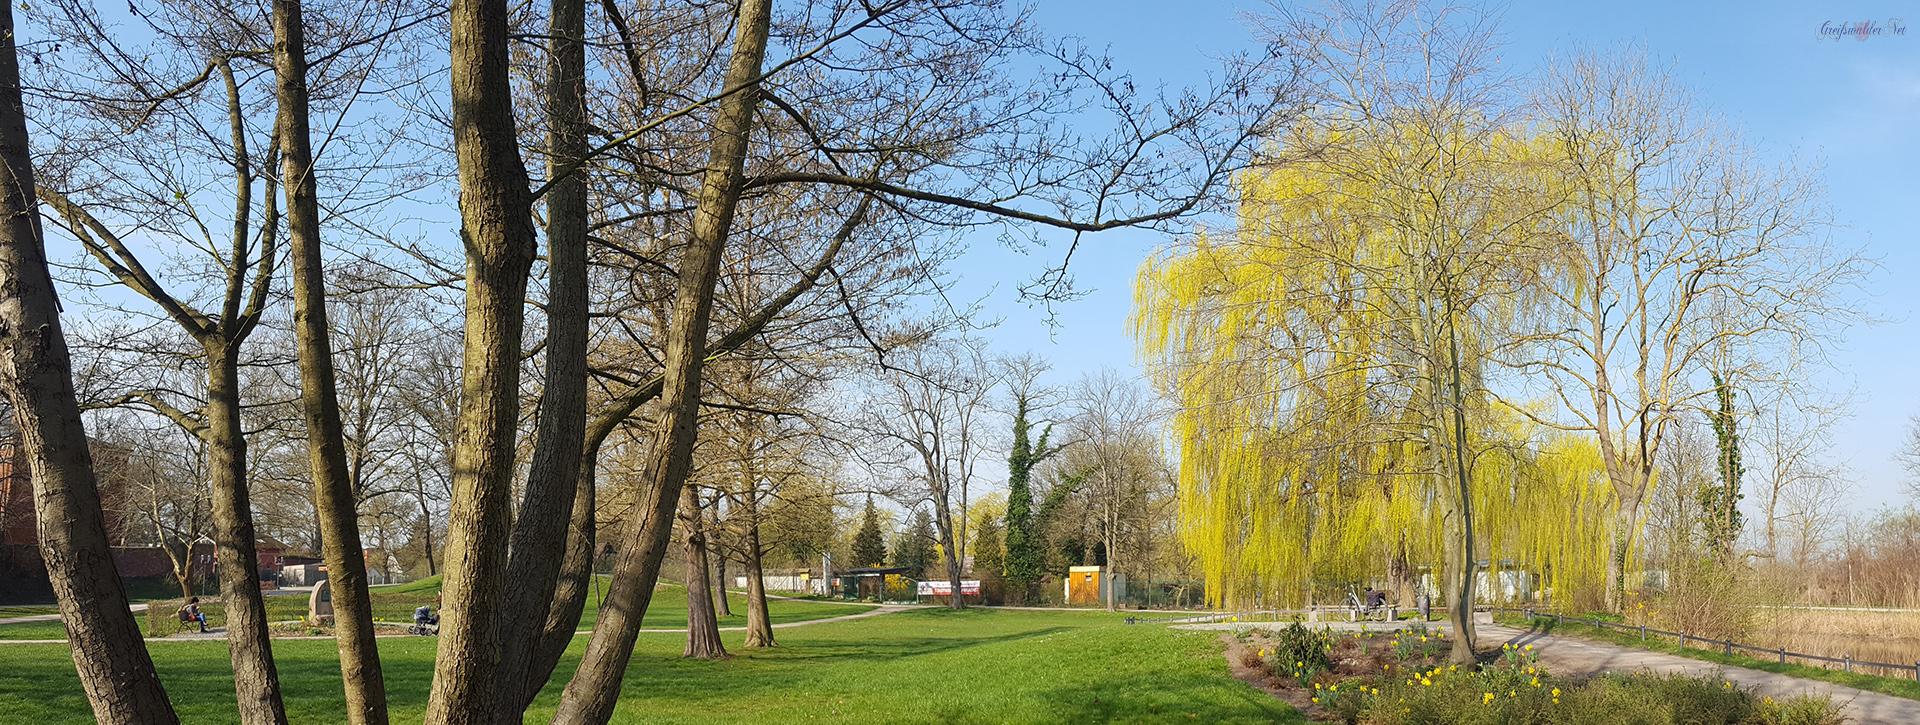 Frühling in den Credner-Anlagen in Greifswald